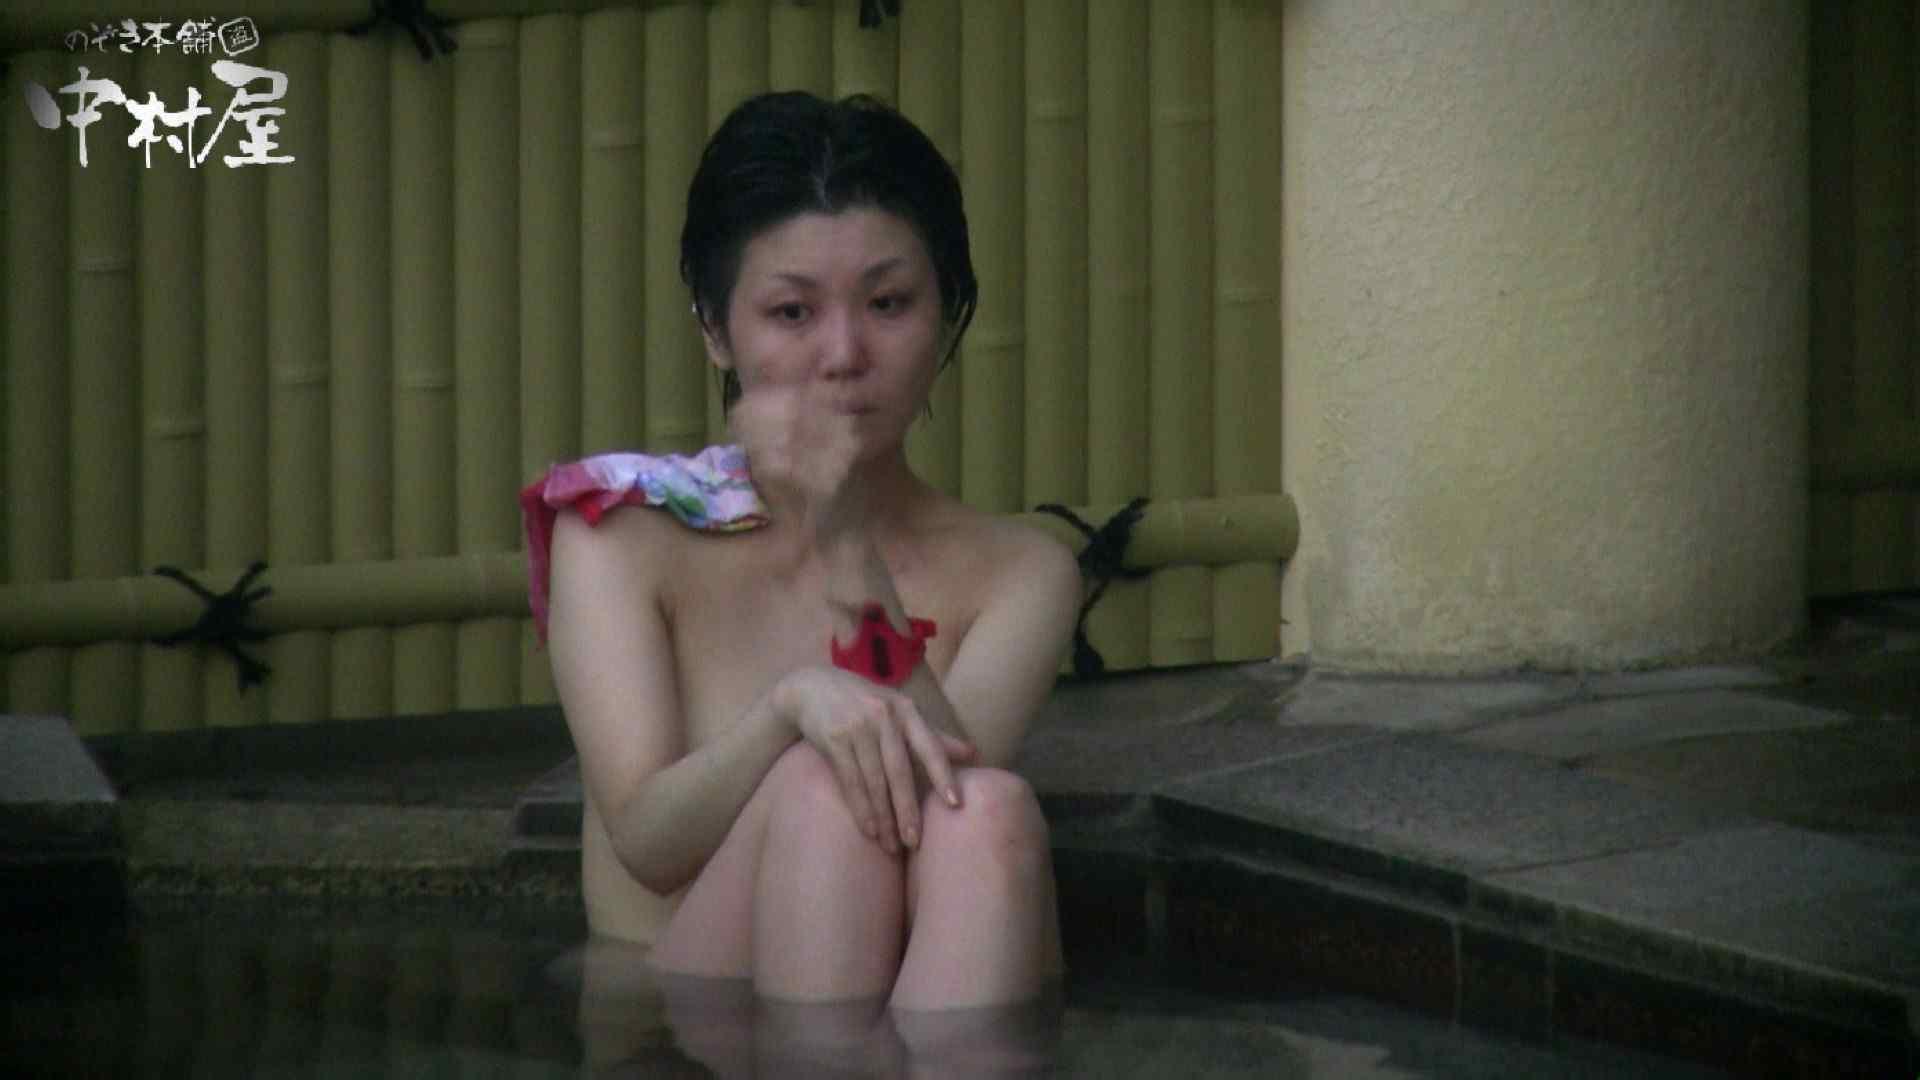 Aquaな露天風呂Vol.884 盗撮特集 | 露天  66画像 35